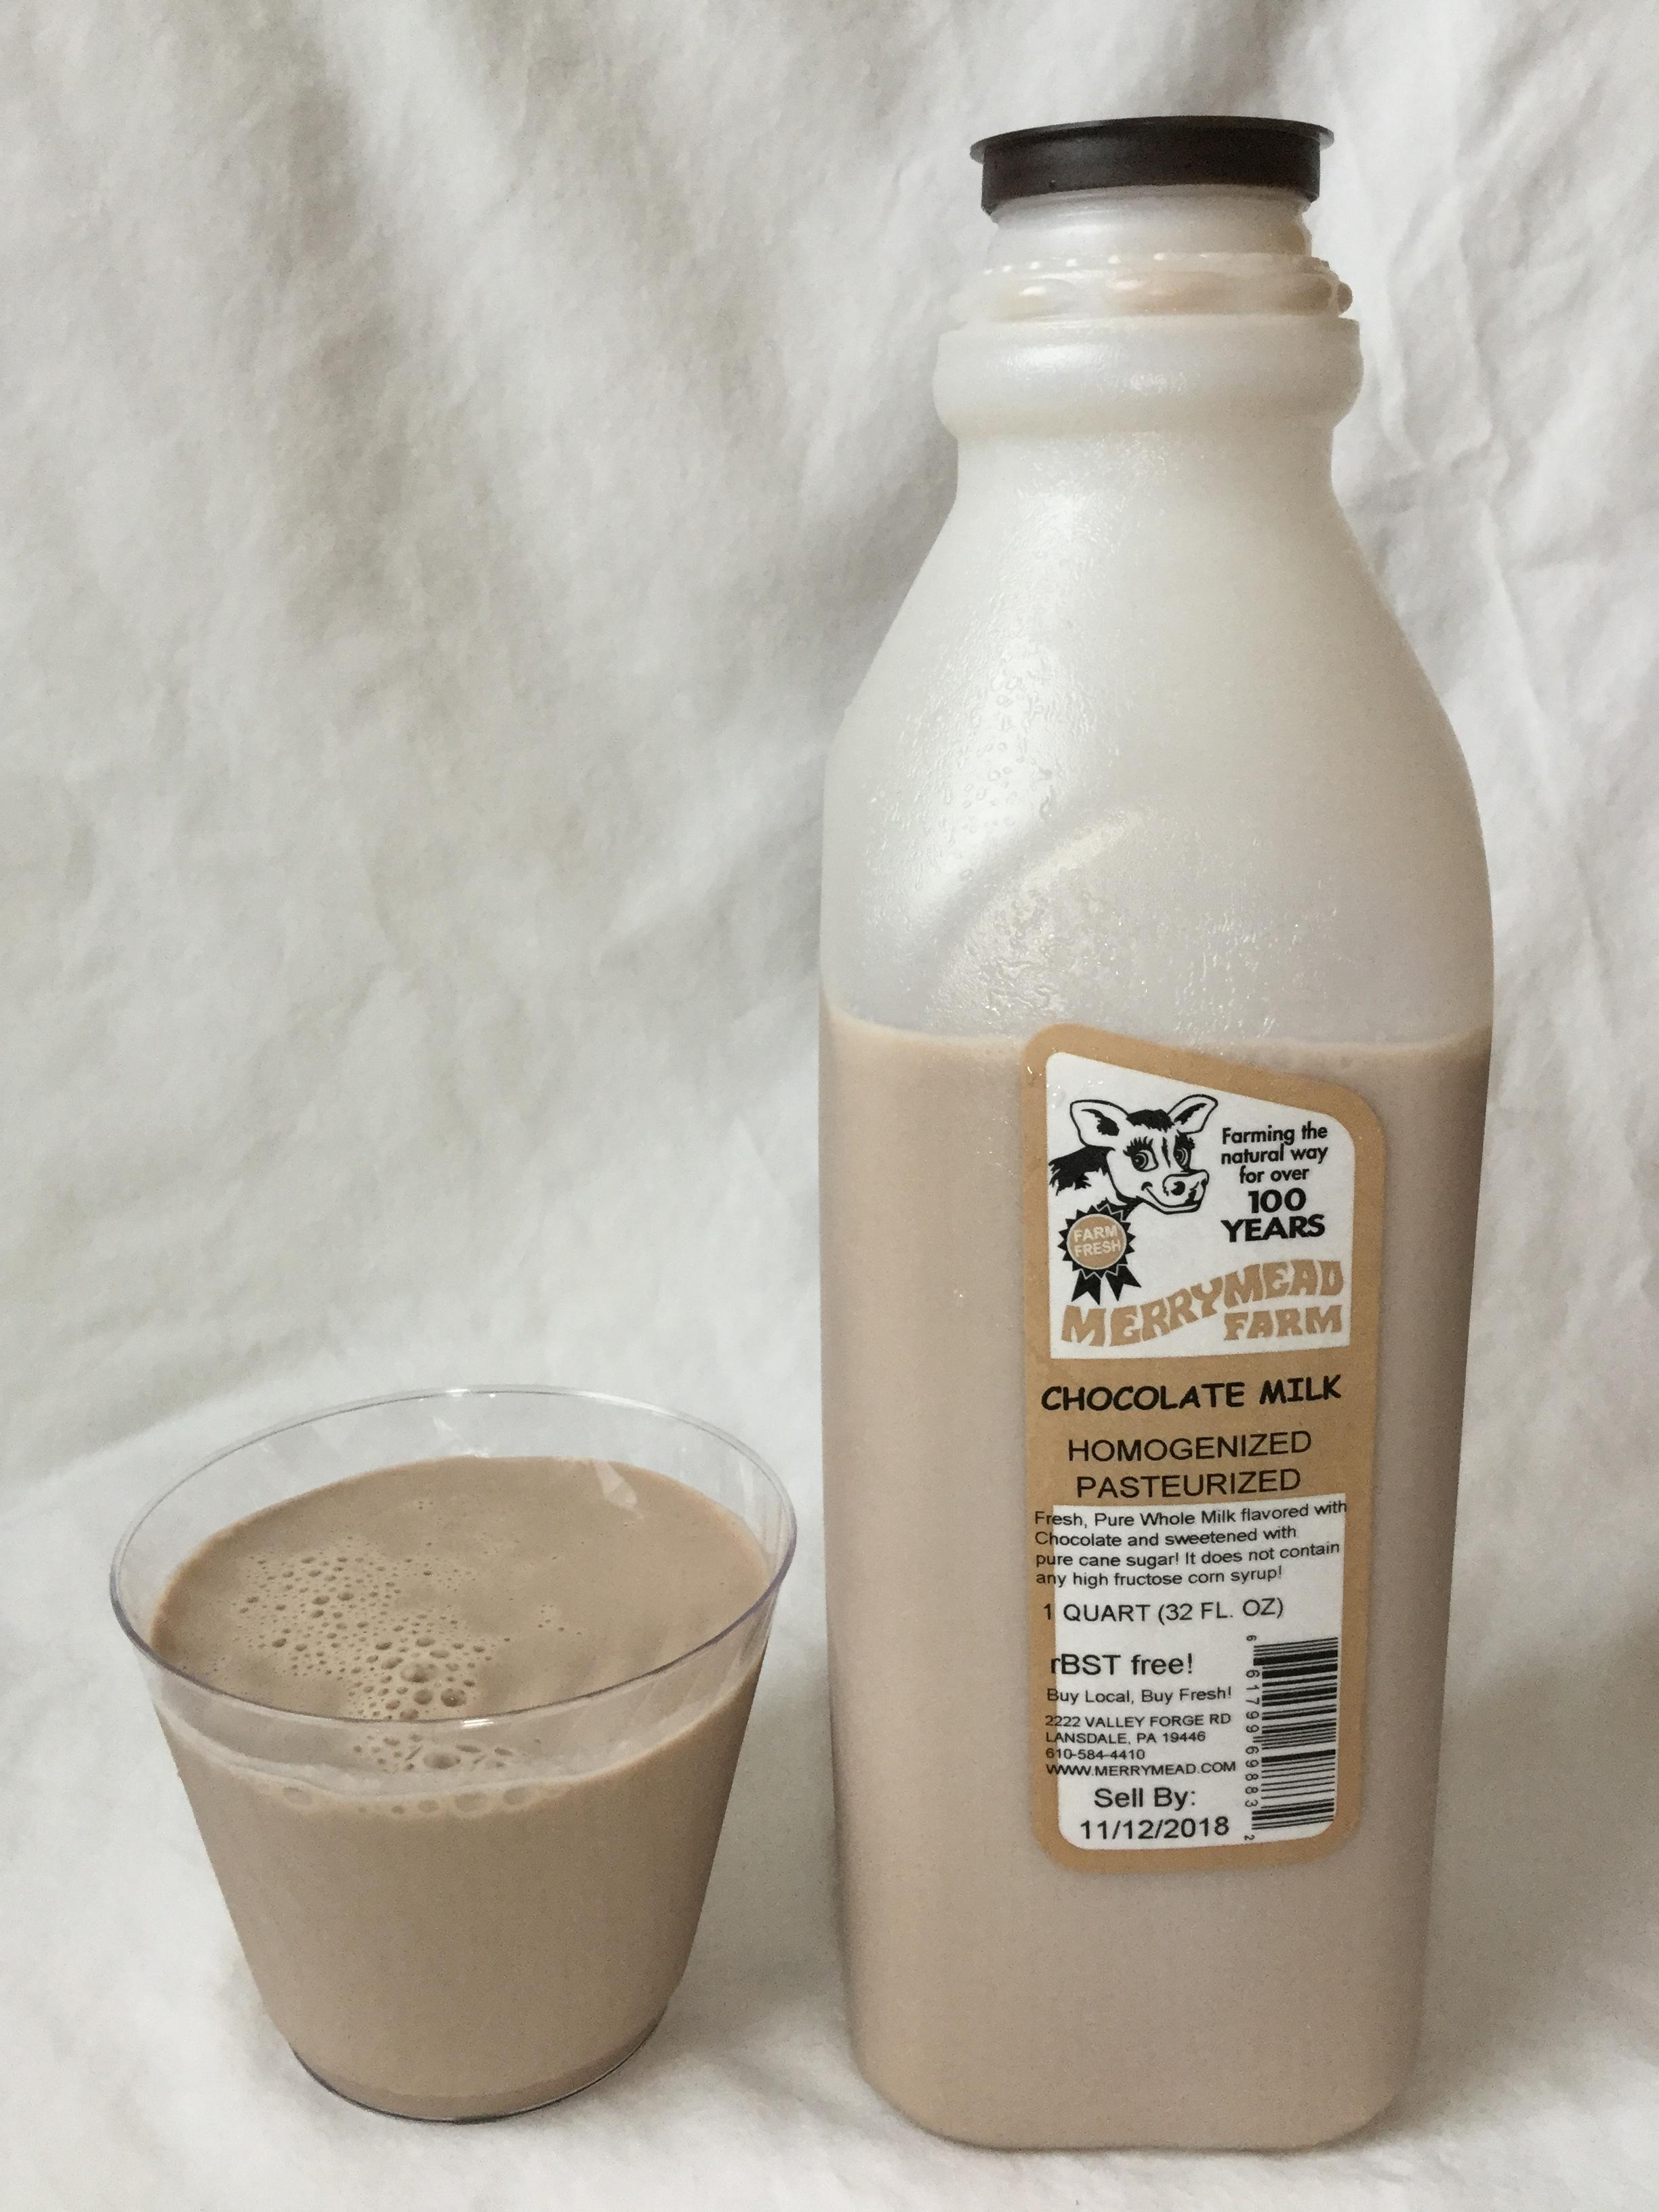 Merrymead Farm Chocolate Milk Cup